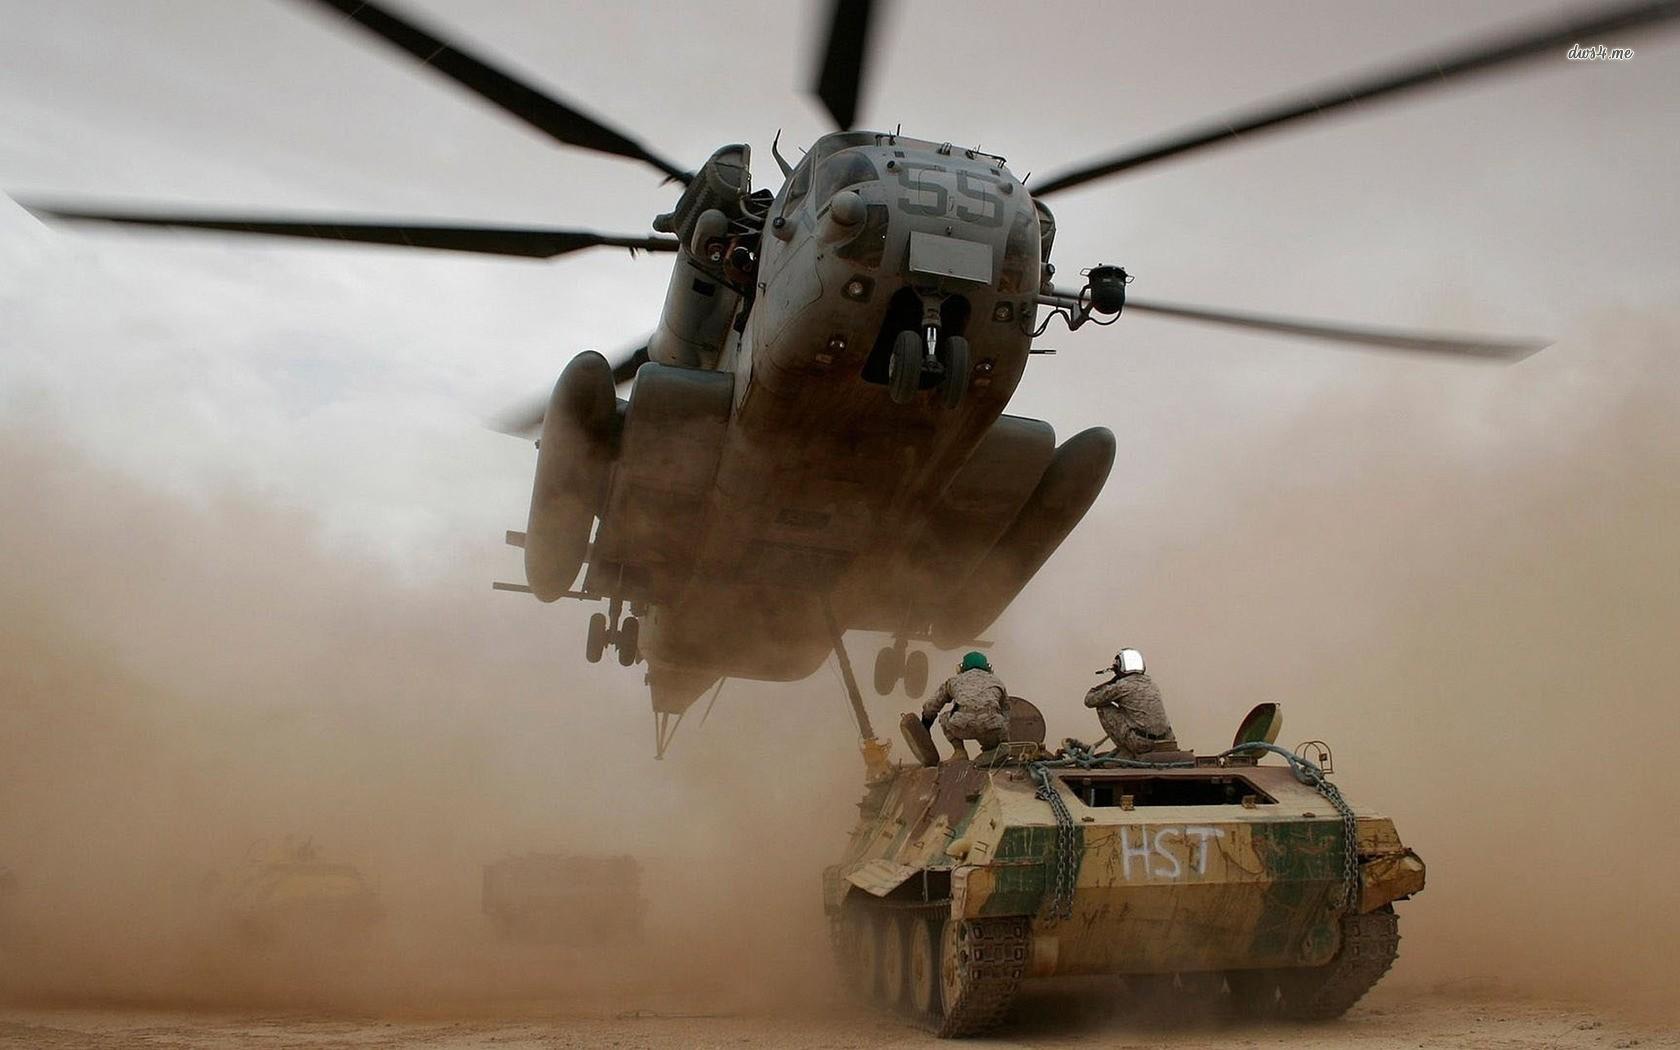 Fondos De Pantalla Vehículo Aeronave Helicópteros